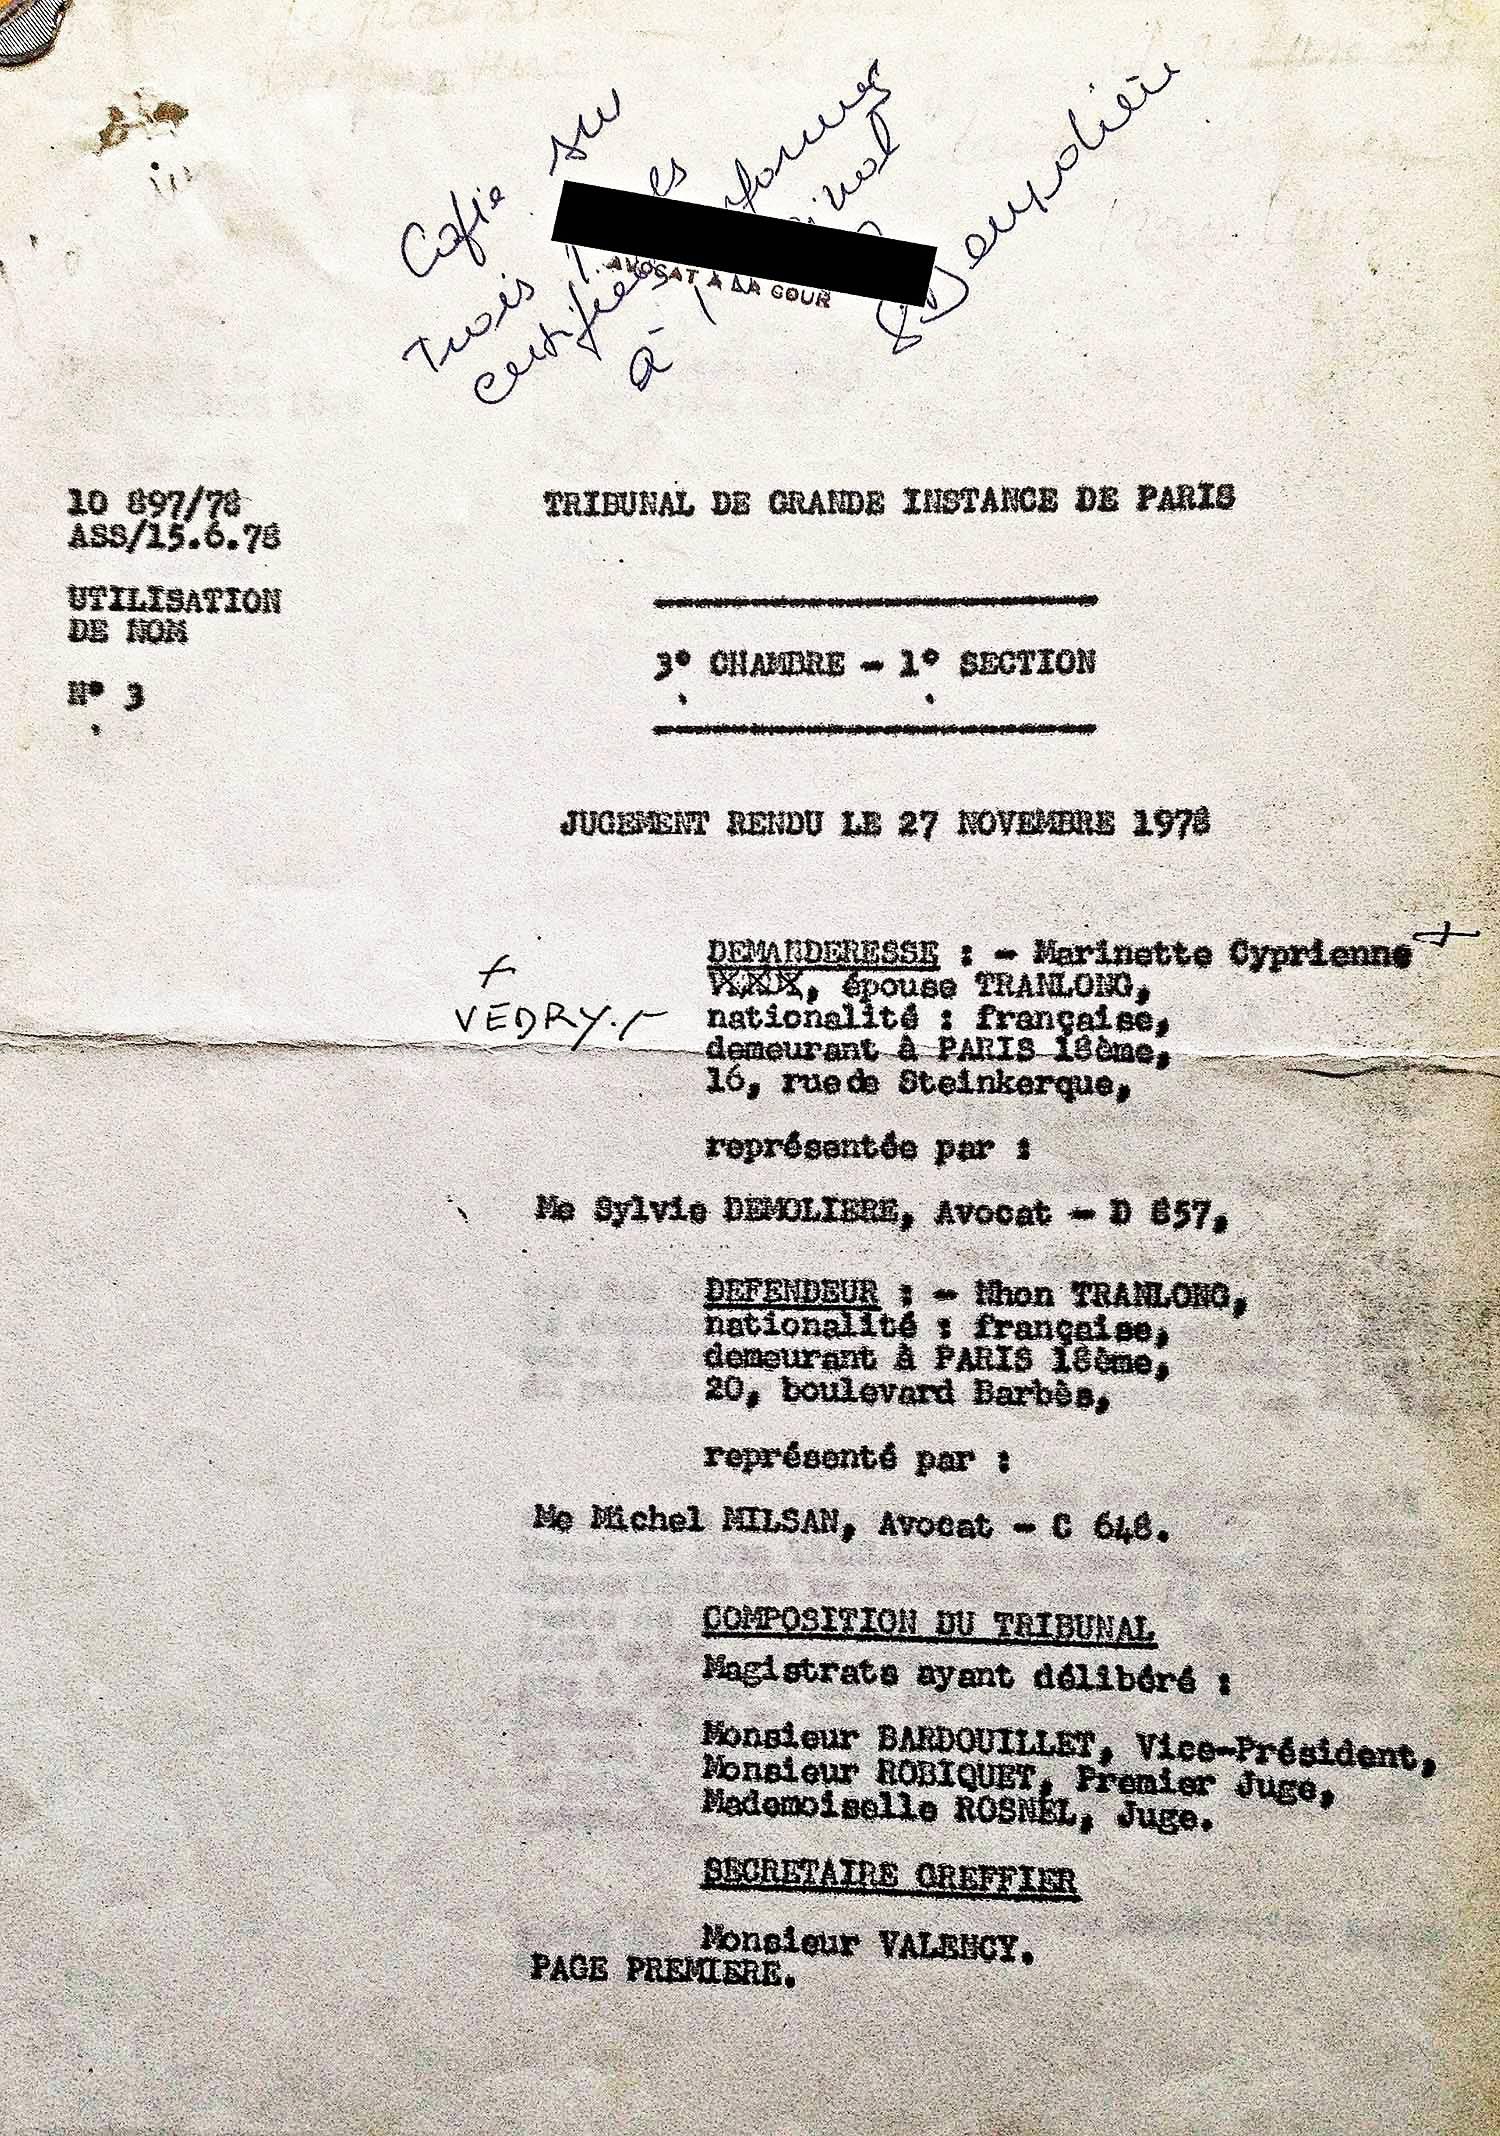 """Décision de justice concernant l'emploi de la signature """"TRANLONG"""" sur les oeuvres de l'artiste"""